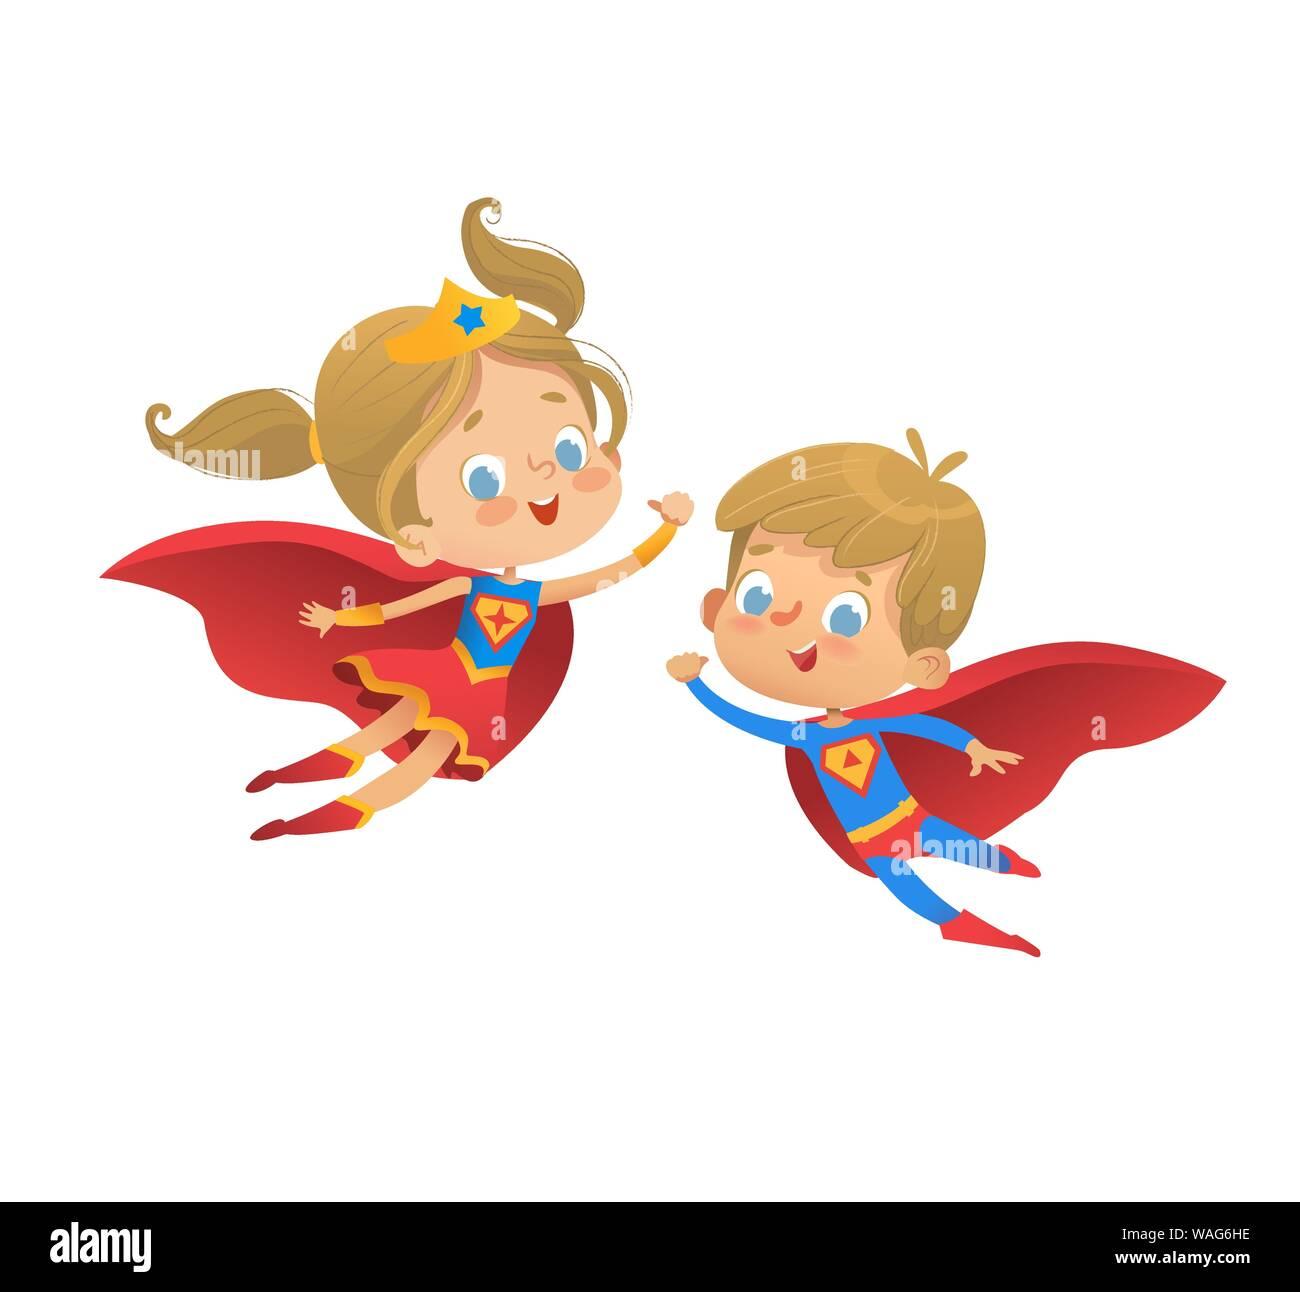 Superhéroe de dibujos animados para niños ilustración vectorial. Super Hero  niños ilustración aislado sobre fondo blanco. Vector de dibujos animados  personajes de Kid Imagen Vector de stock - Alamy